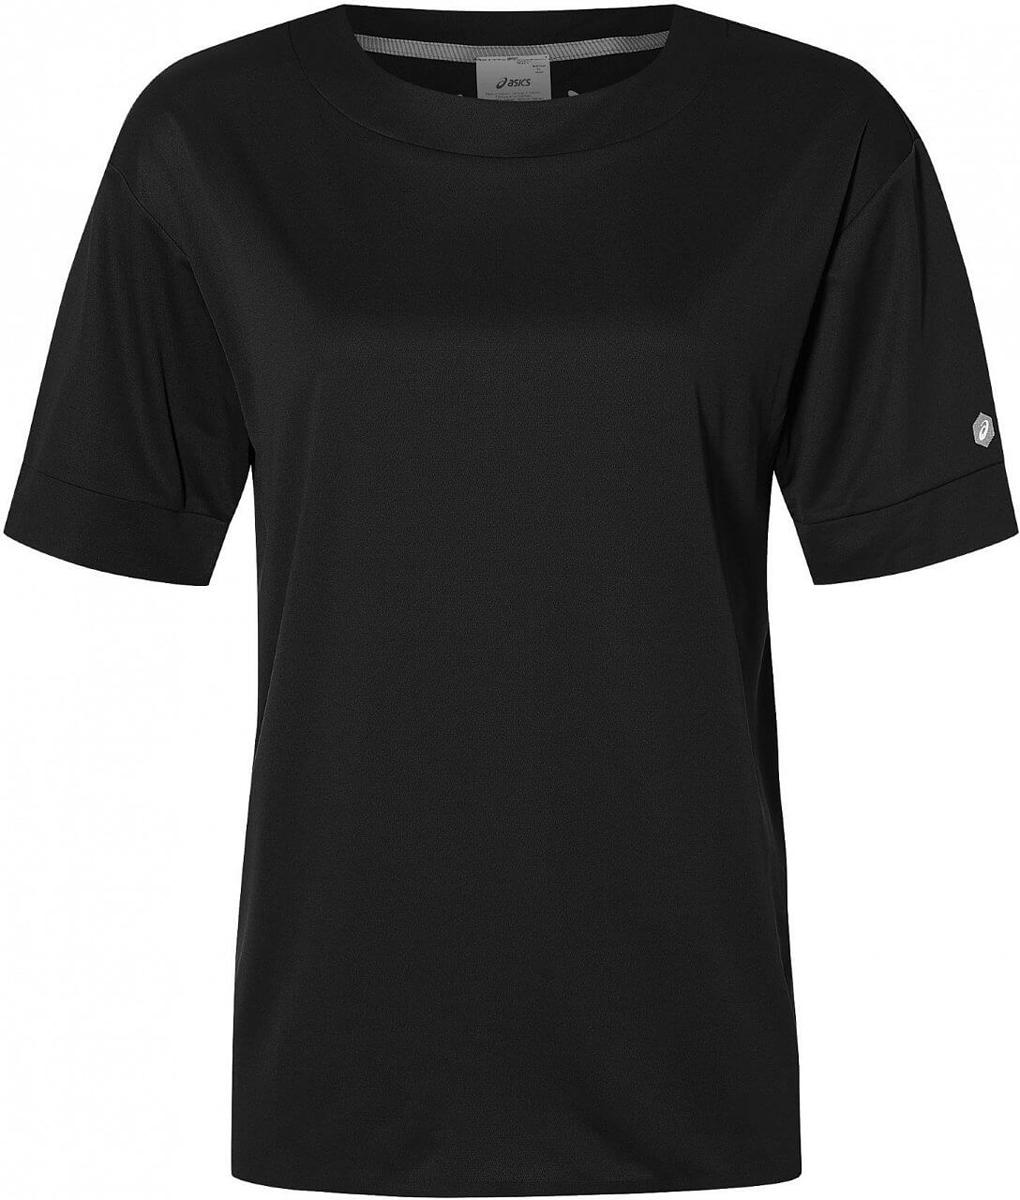 Футболка женская Asics Gel -Cool Ss Top, цвет: черный. 153390-0904. Размер XL (50)